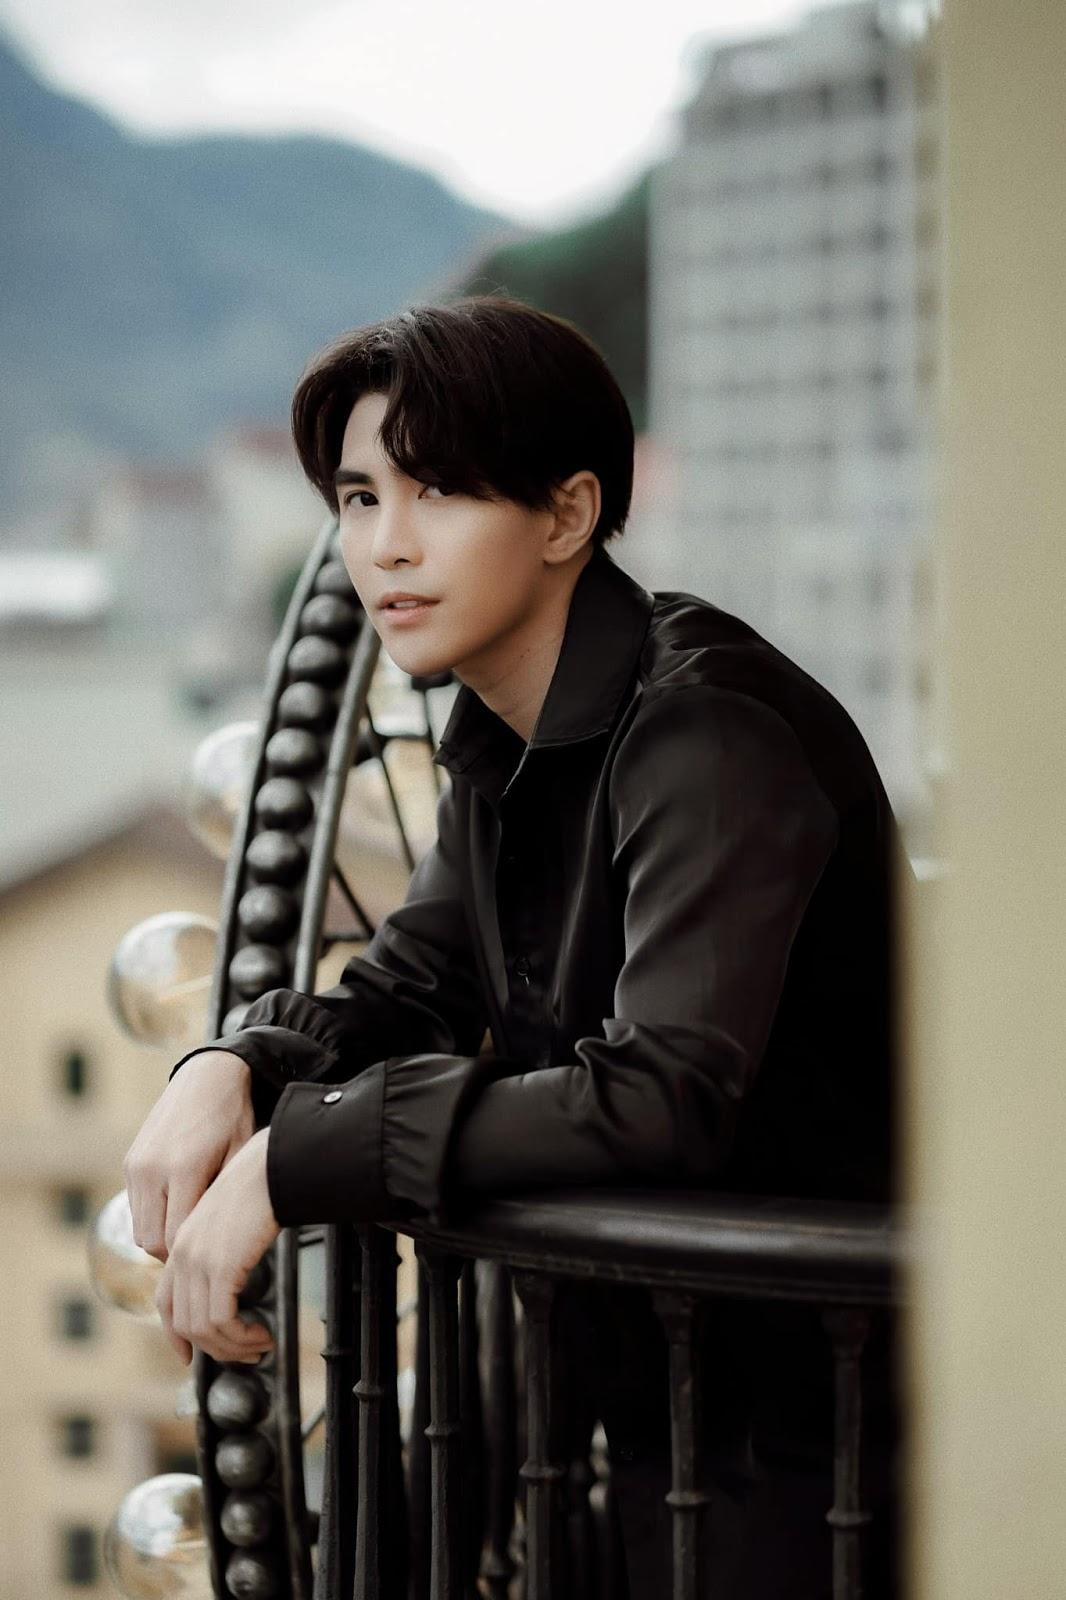 Erik, Hoàng Yến Chibi cùng dàn ca sĩ hứa hẹn bùng nổ tại Gala Ngôi Sao Xanh 2019 - Hình 3